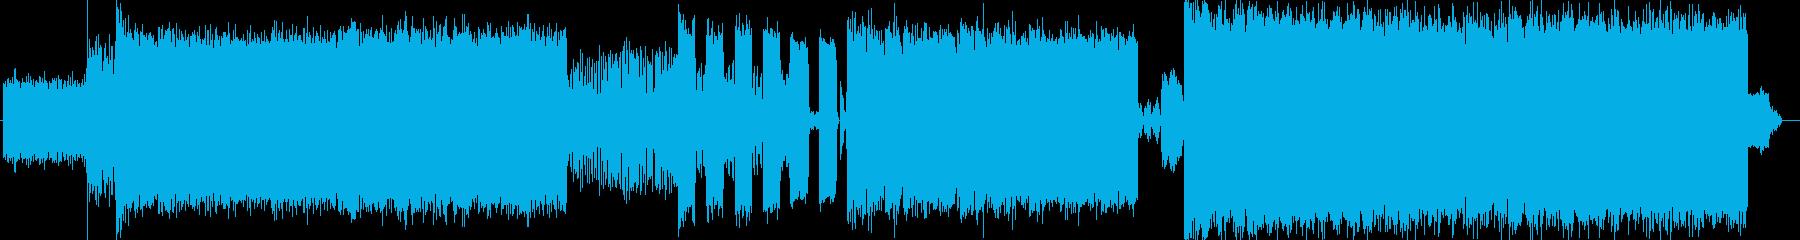 退廃的 Heavyの再生済みの波形